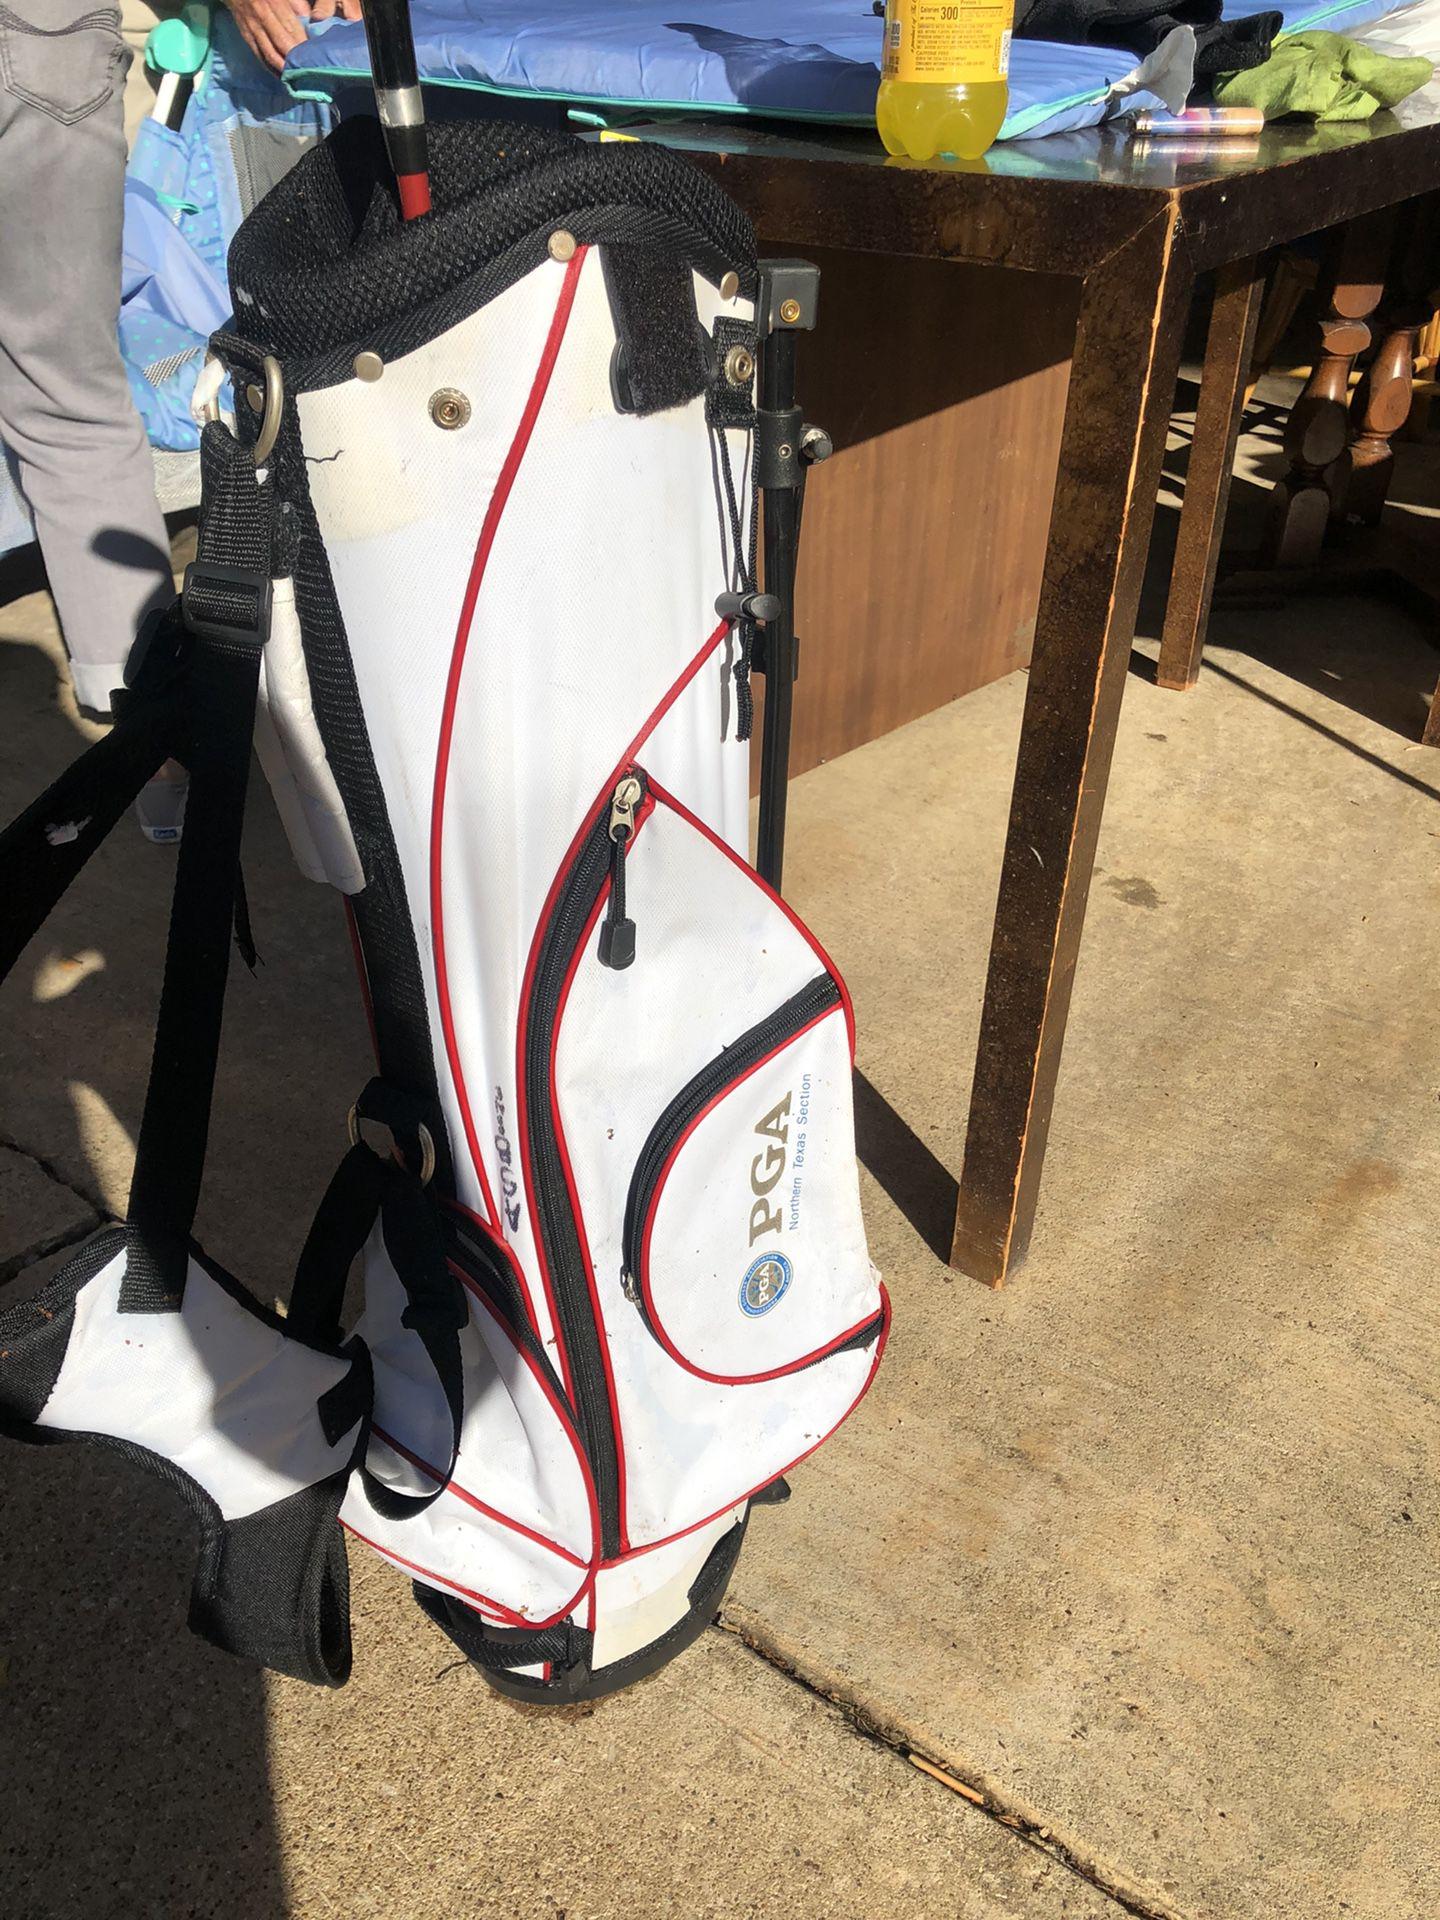 PGA golf bag kids with driver